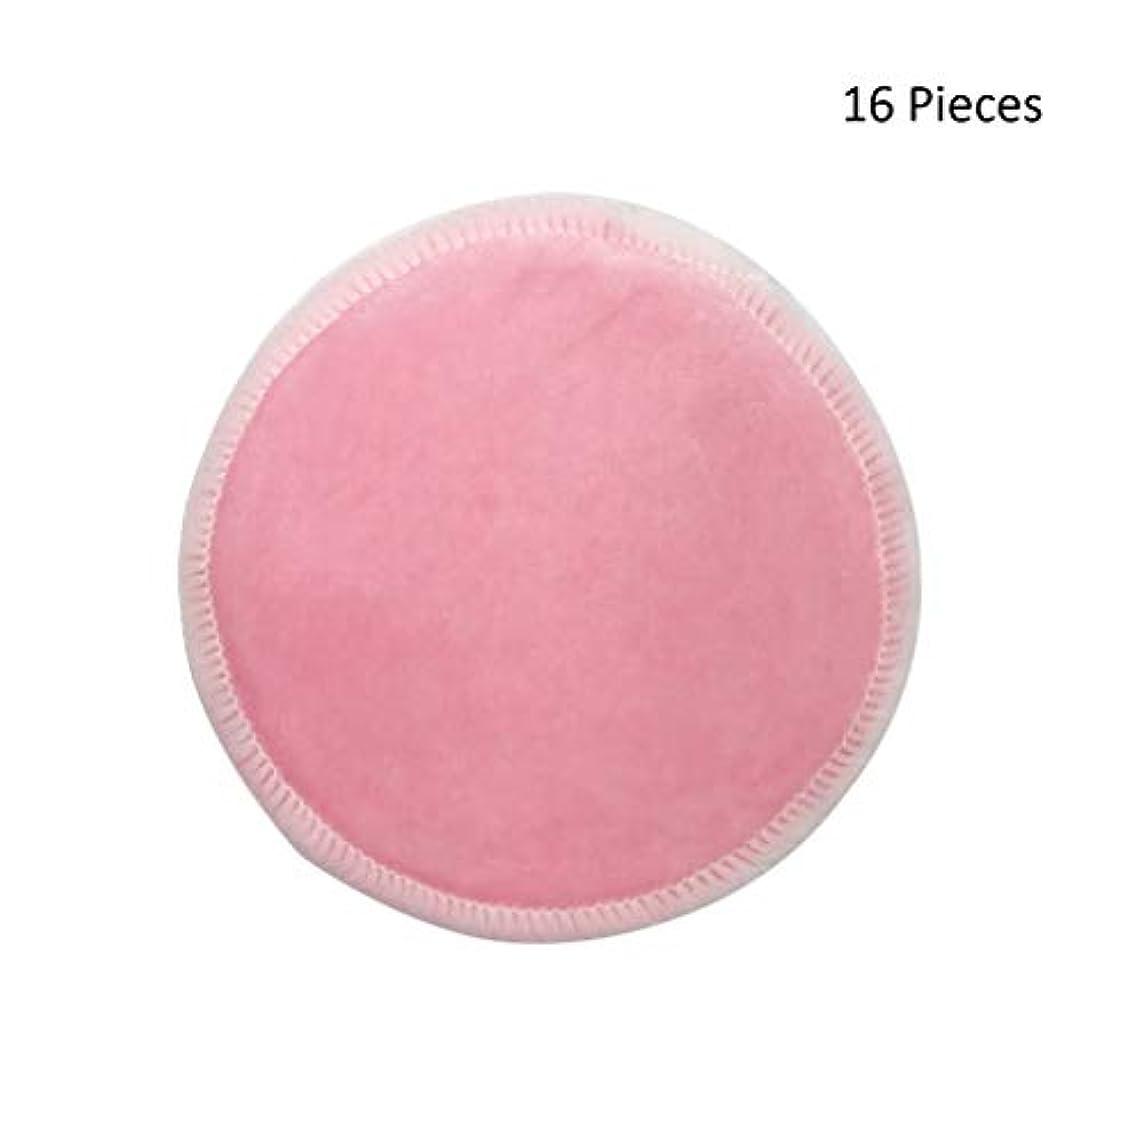 個性川セラー竹フェイスメイク落としラウンドパッド再利用可能なソフトフェイシャルスキンケア布パッド洗えるワイプディープクレンジング化粧品ツール (Color : 16 Pieces, サイズ : 8*8cm)